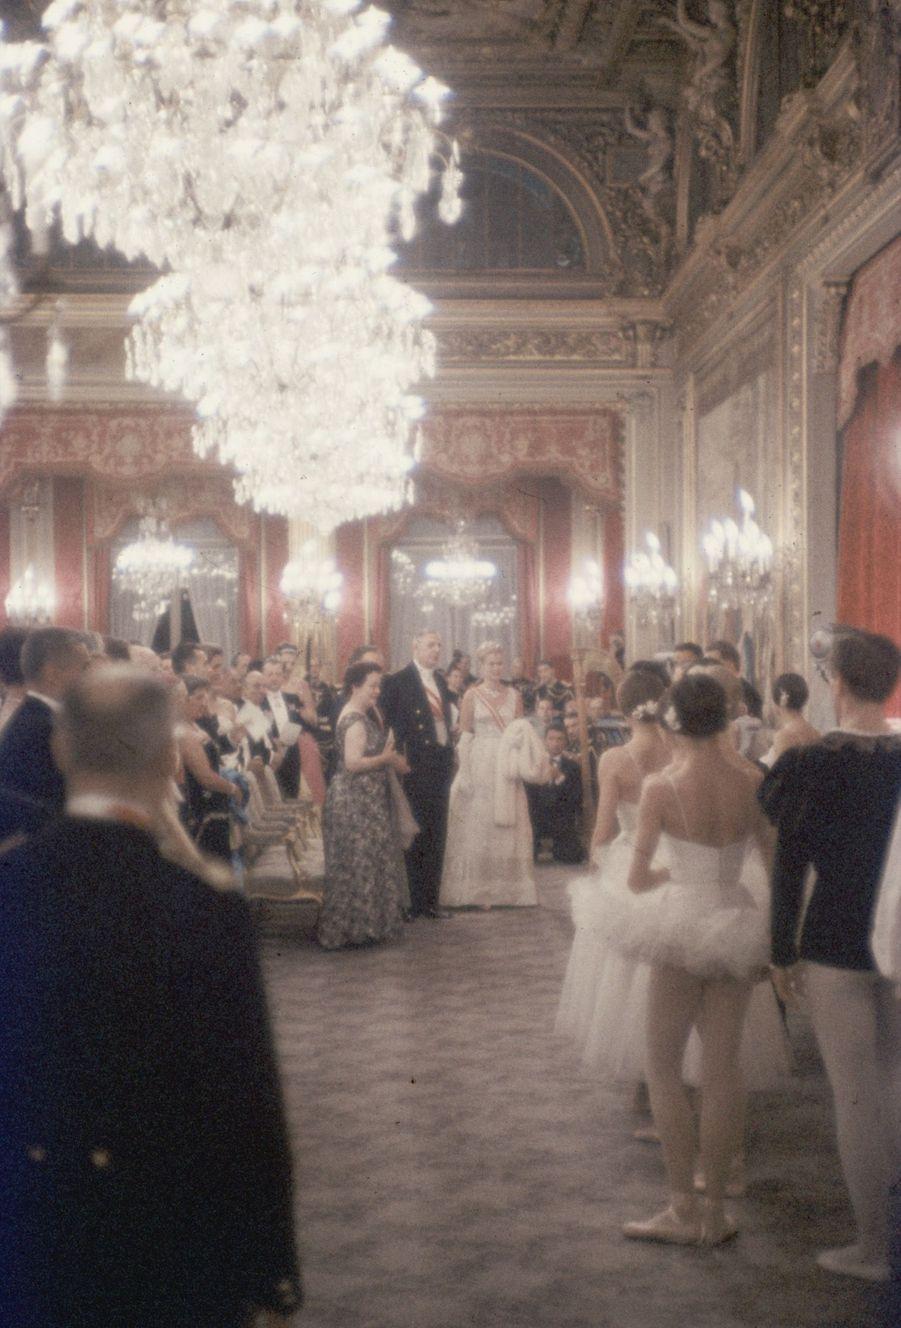 """« Sous les lustres, l'opéra à domicile. Dans la salle des fêtes de l'Élysée, après le dîner de 130 couverts et les toasts traditionnels, c'est l'heure du divertissement. 230 invités sont serrés sur des chaises dorées. Au premier rang Mme de Gaulle, le prince Rainier, le Président et la princesse Grace en robe de satin pailletée de cristal, signée Lanvin; sur la minuscule scène de 5 mètres sur 6, c'est un grand spectacle donné par le corps de ballet de l'Opéra. Au programme : """"Le Clair de Lune """" de Debussy; """"Le Casse-noisette"""" de Tchaikowsky et """"La Suite en blanc """" de Lalo. » - Paris Match n°550, samedi 24 octobre 1959."""